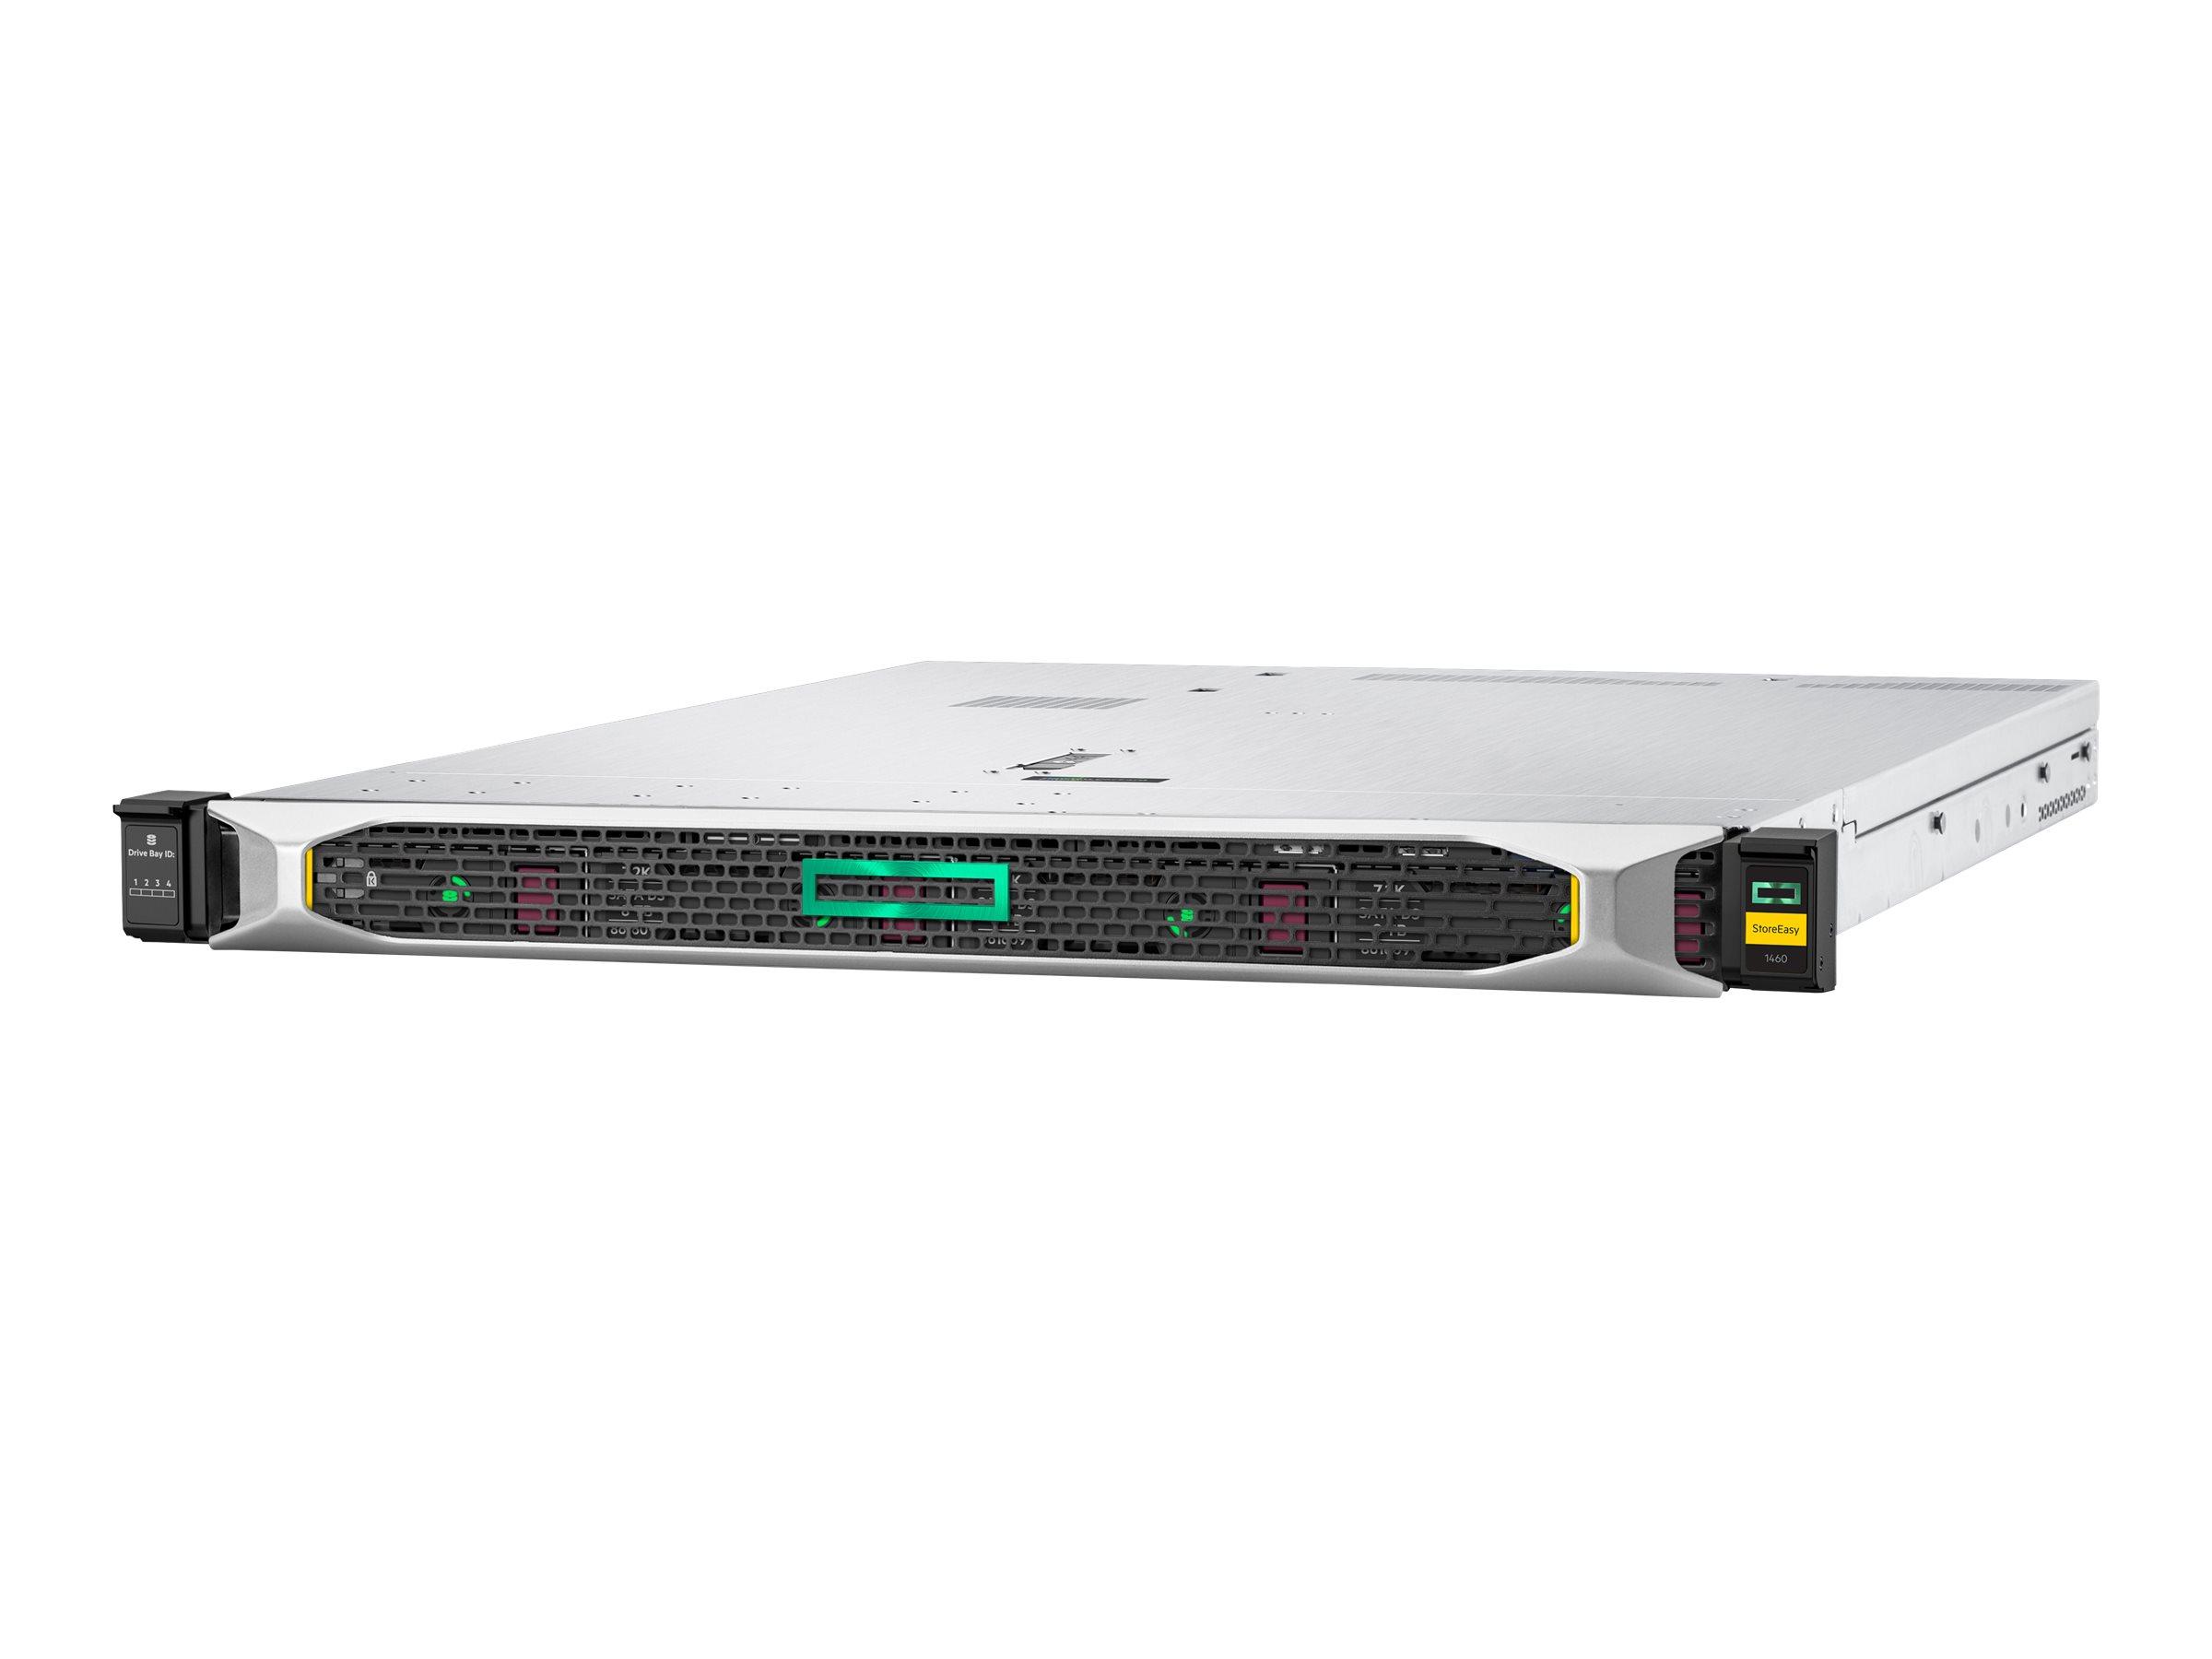 HPE StoreEasy 1460 - NAS-Server - 4 Schächte - 32 TB - Rack - einbaufähig